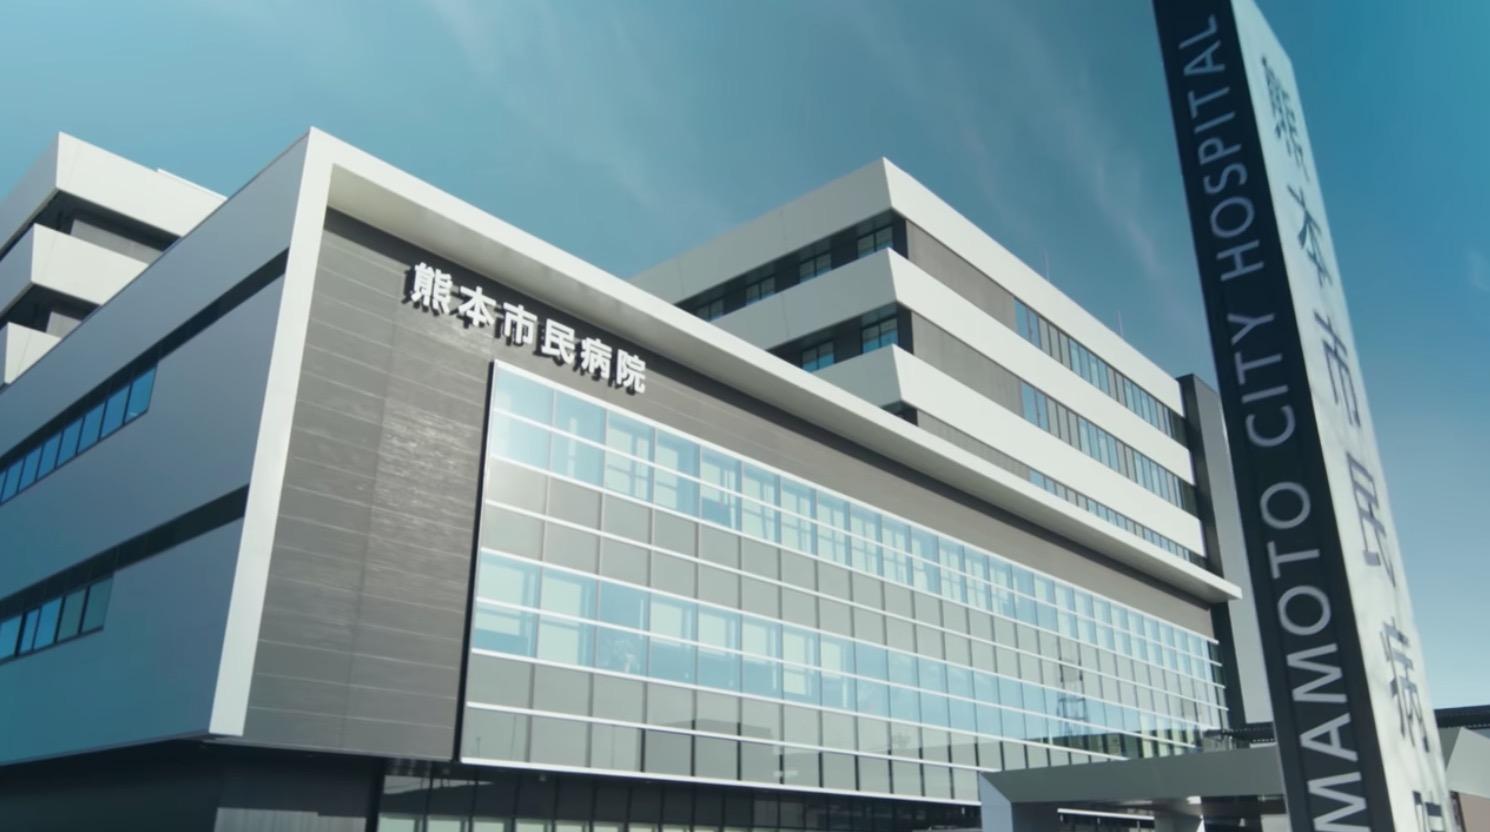 熊本市民病院を見てきたよ。災害に強い病院となった新しい熊本市民病院!!